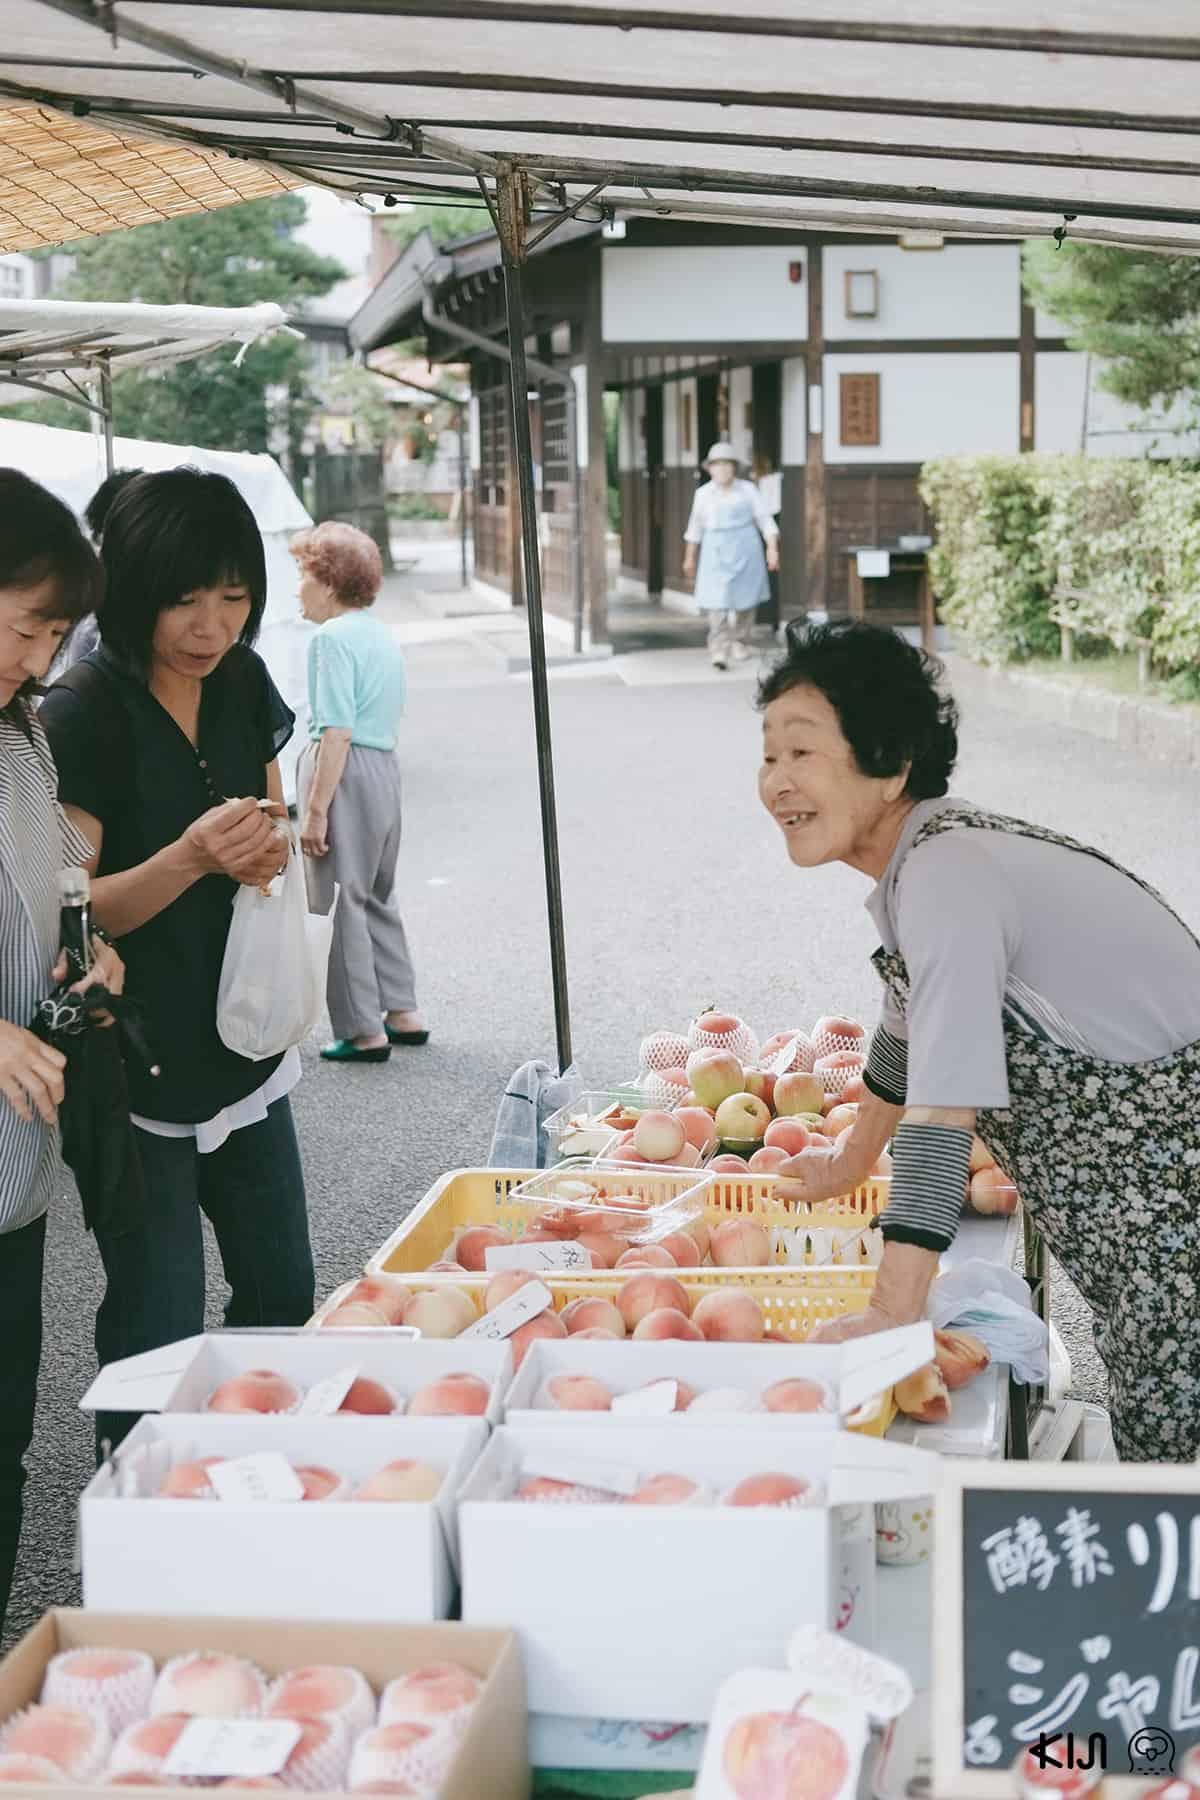 บรรยากาศภายในของตลาดเช้าจินยะมาเอะ เมืองทาคายาม่า (Takayama)